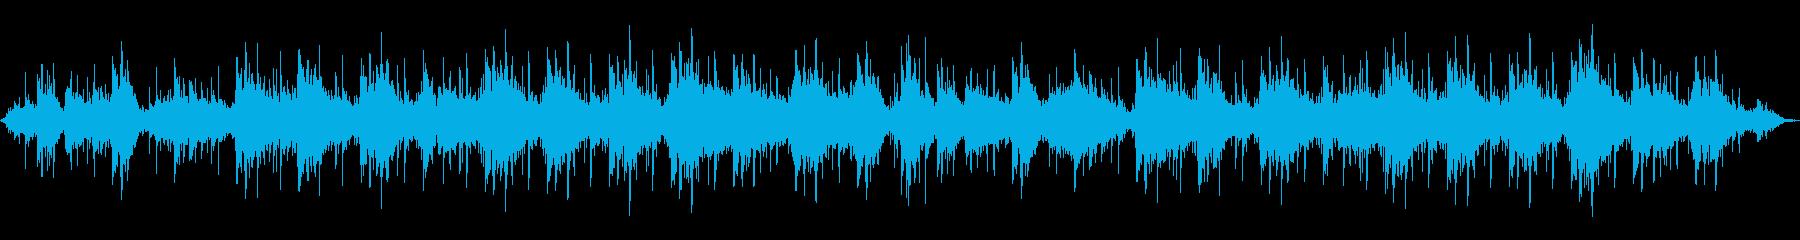 深海を漂うような音の再生済みの波形